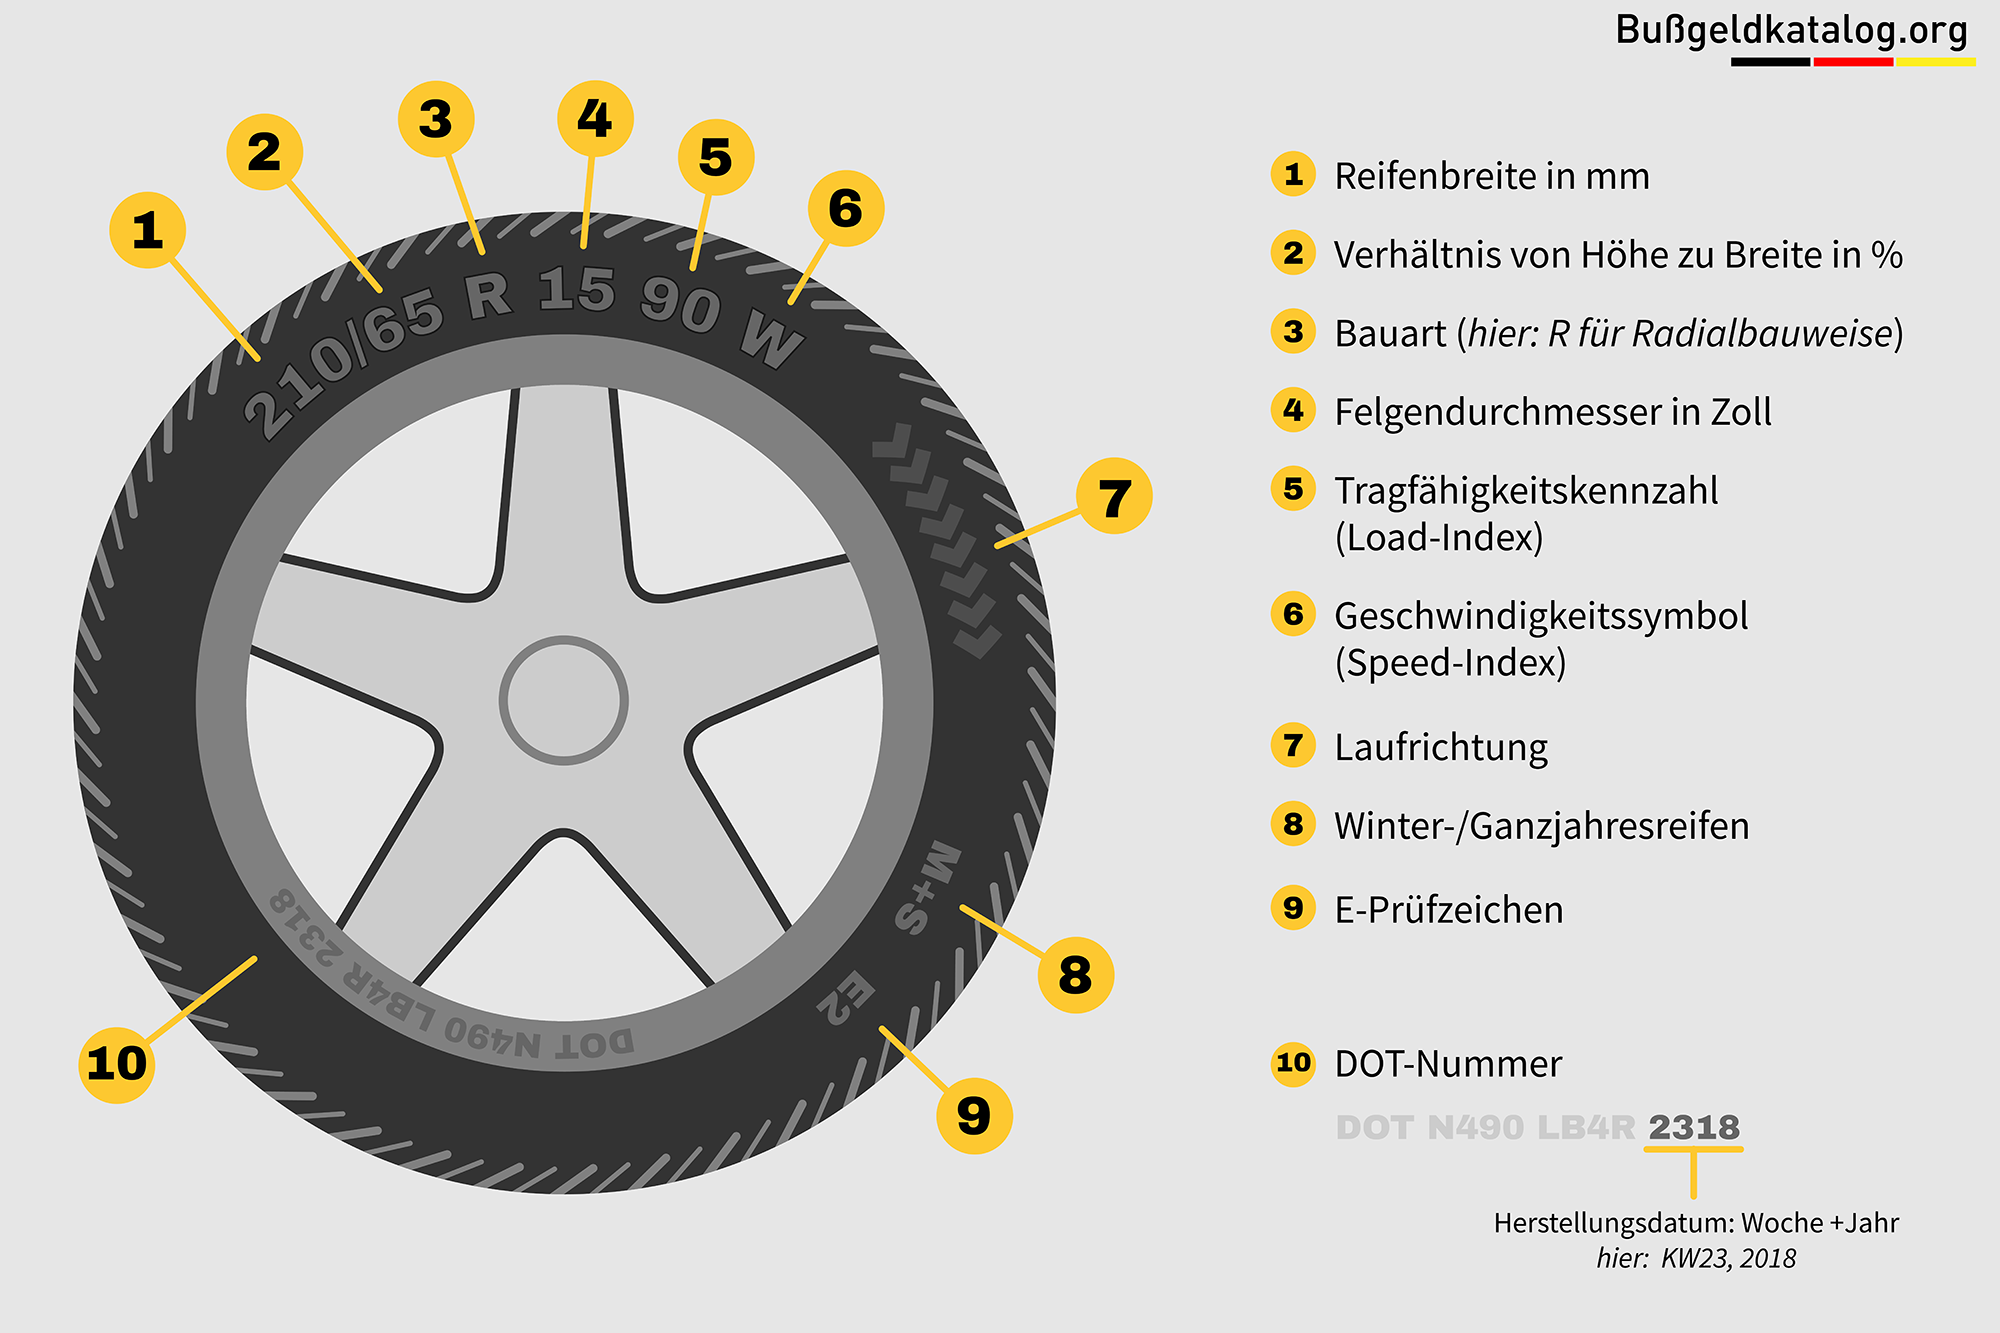 Unserer Grafik können Sie die einzelnen Bezeichnungen der Zahlen und Symbole auf einem Reifen entnehmen.